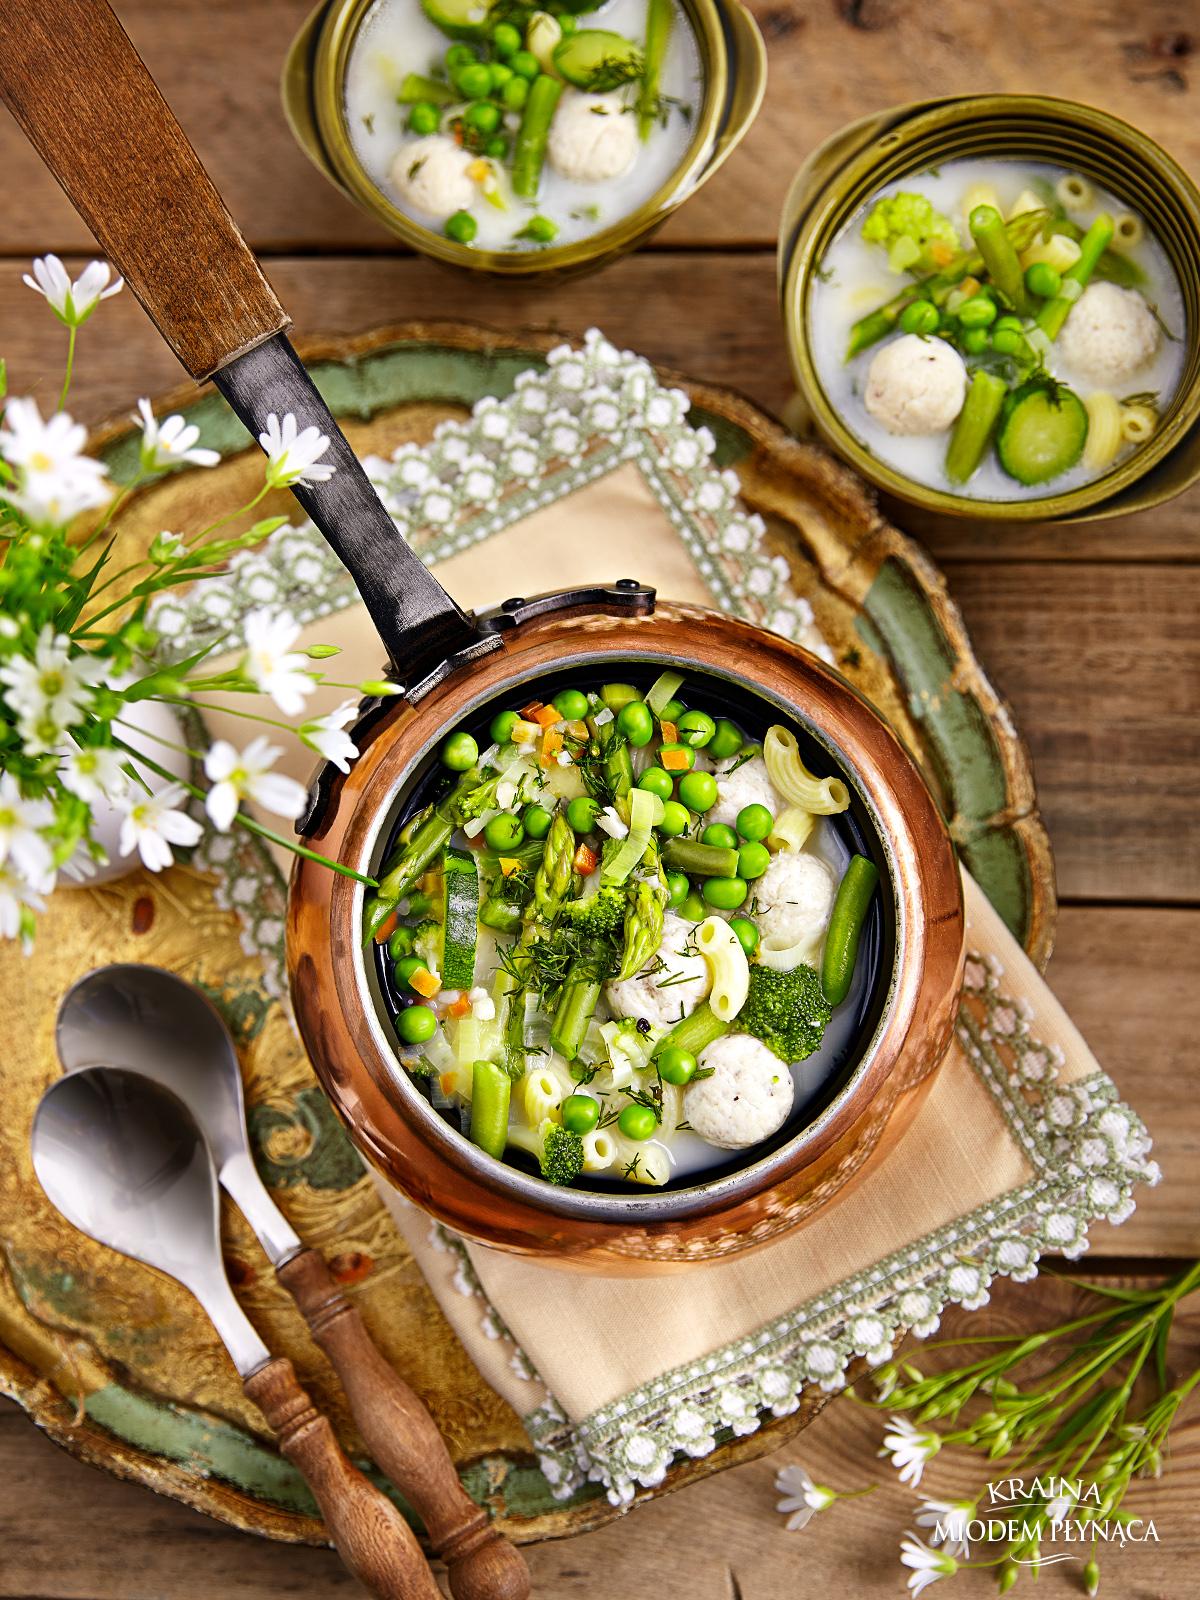 zupa jarzynowa, zupa z zielonych warzyw, zupa szparagowa, zupa ze szparagami, zupa brokułowa, kremowa zupa, lekka zupa, dietetyczna zupa, pulpeciki drobiowe, dietetyczne pulpeciki, zupa z pulpecikami, kraina miodem płynąca